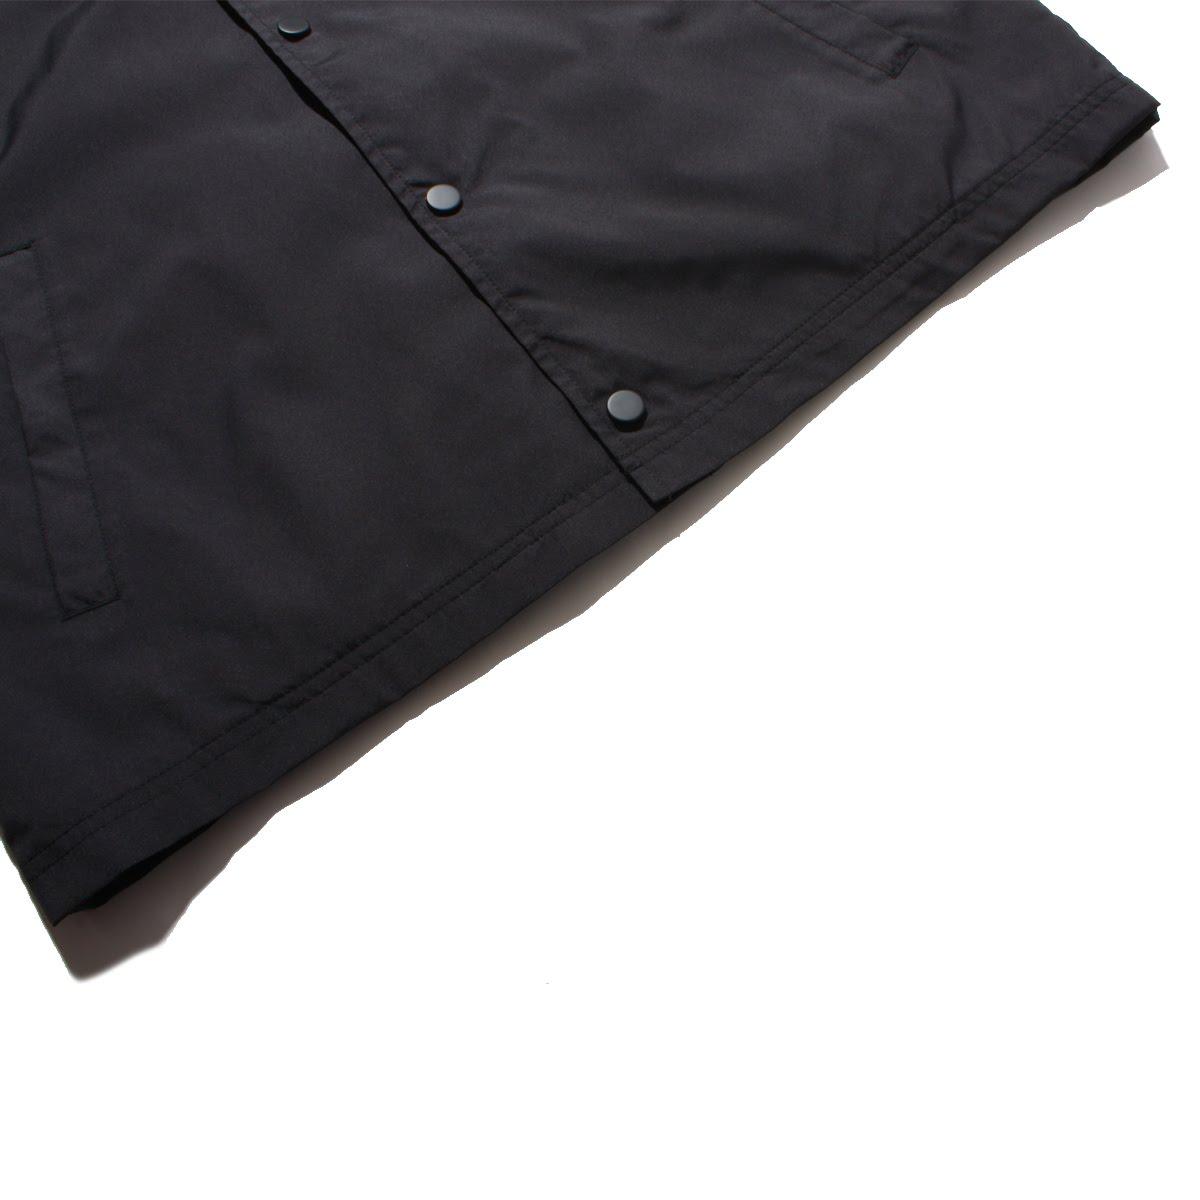 8e60dbbc9549f4 NIKE JUMPMAN COACHES JKT (Nike Jordan jump man coach jacket) BLACK WHITE  18SP-I